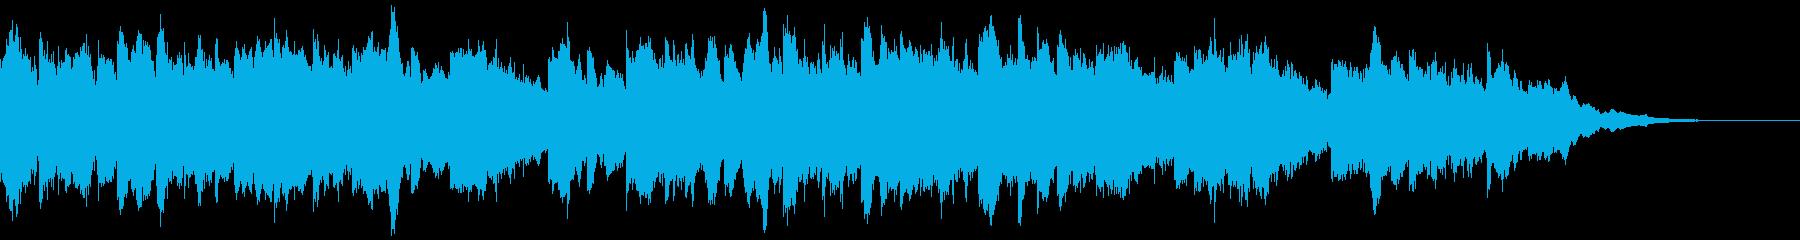 暖かいベルの音が印象に残る挿入歌の再生済みの波形